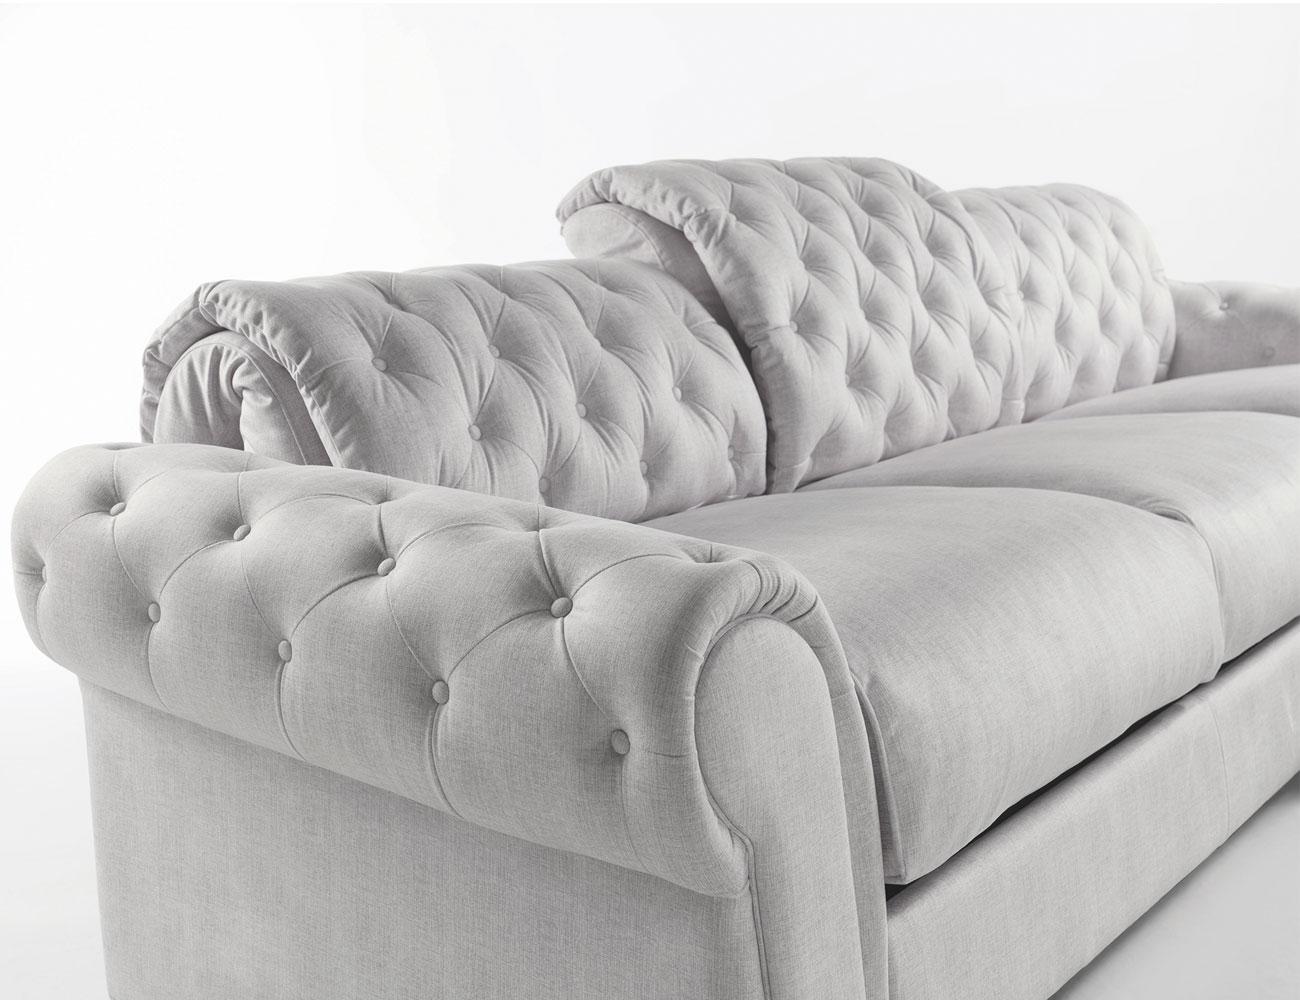 Sofa chaiselongue gran lujo decorativo capitone blanco tela 142